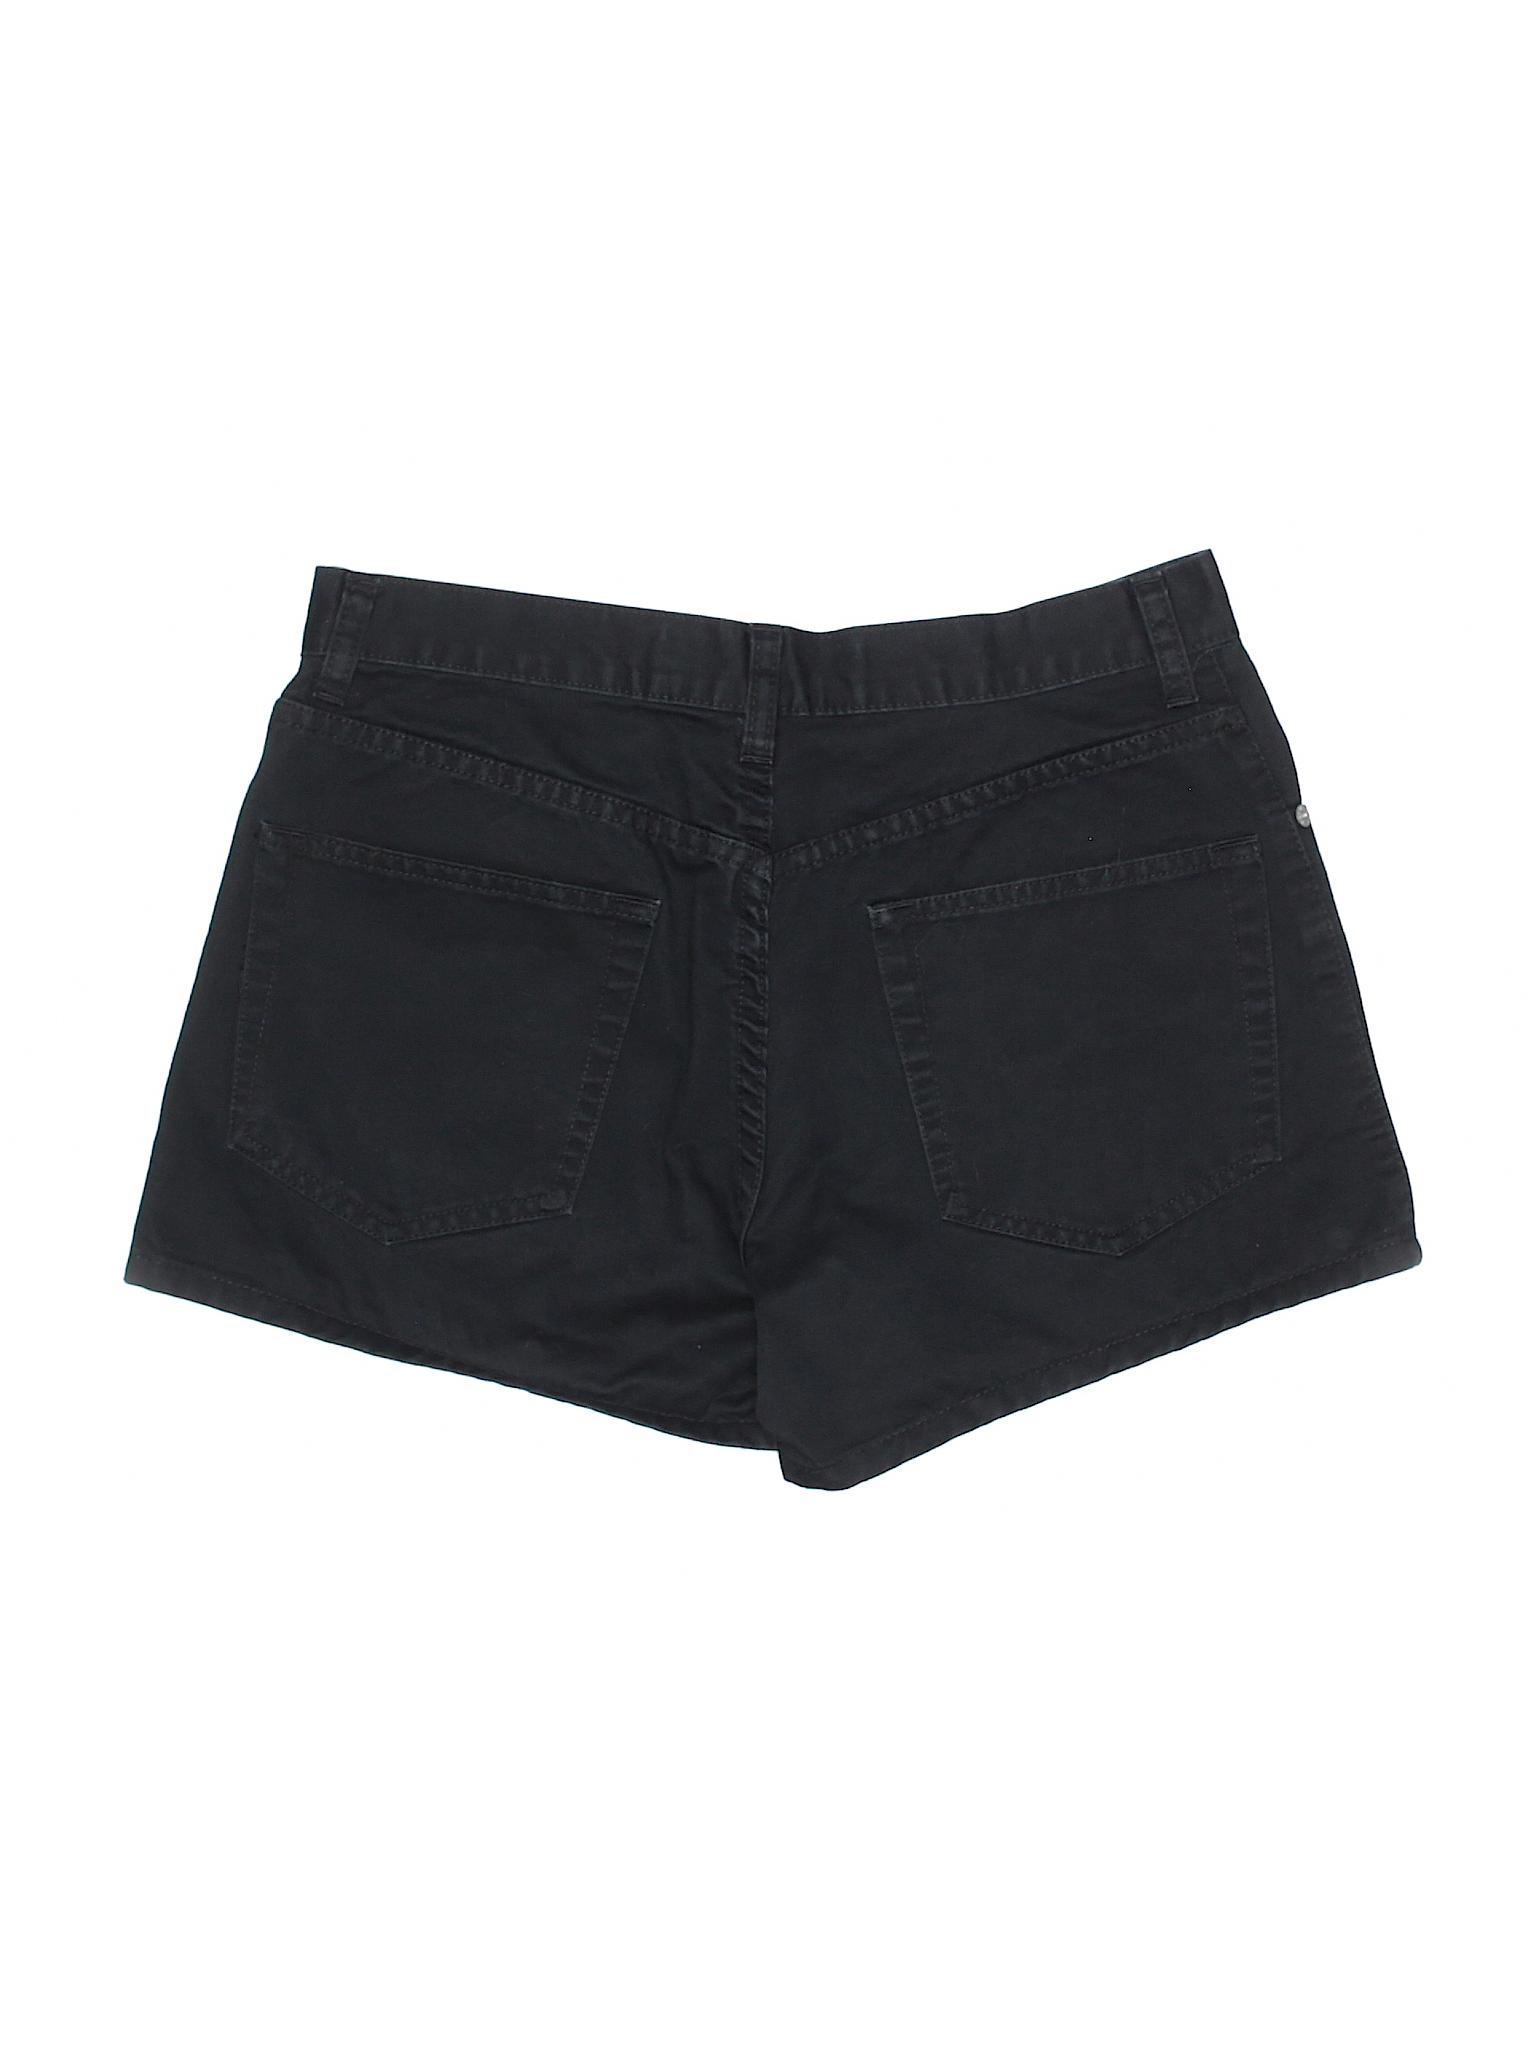 Denim Boutique Boutique Gap Denim Gap Shorts Boutique Shorts Gap Denim SnP8qx7wA8